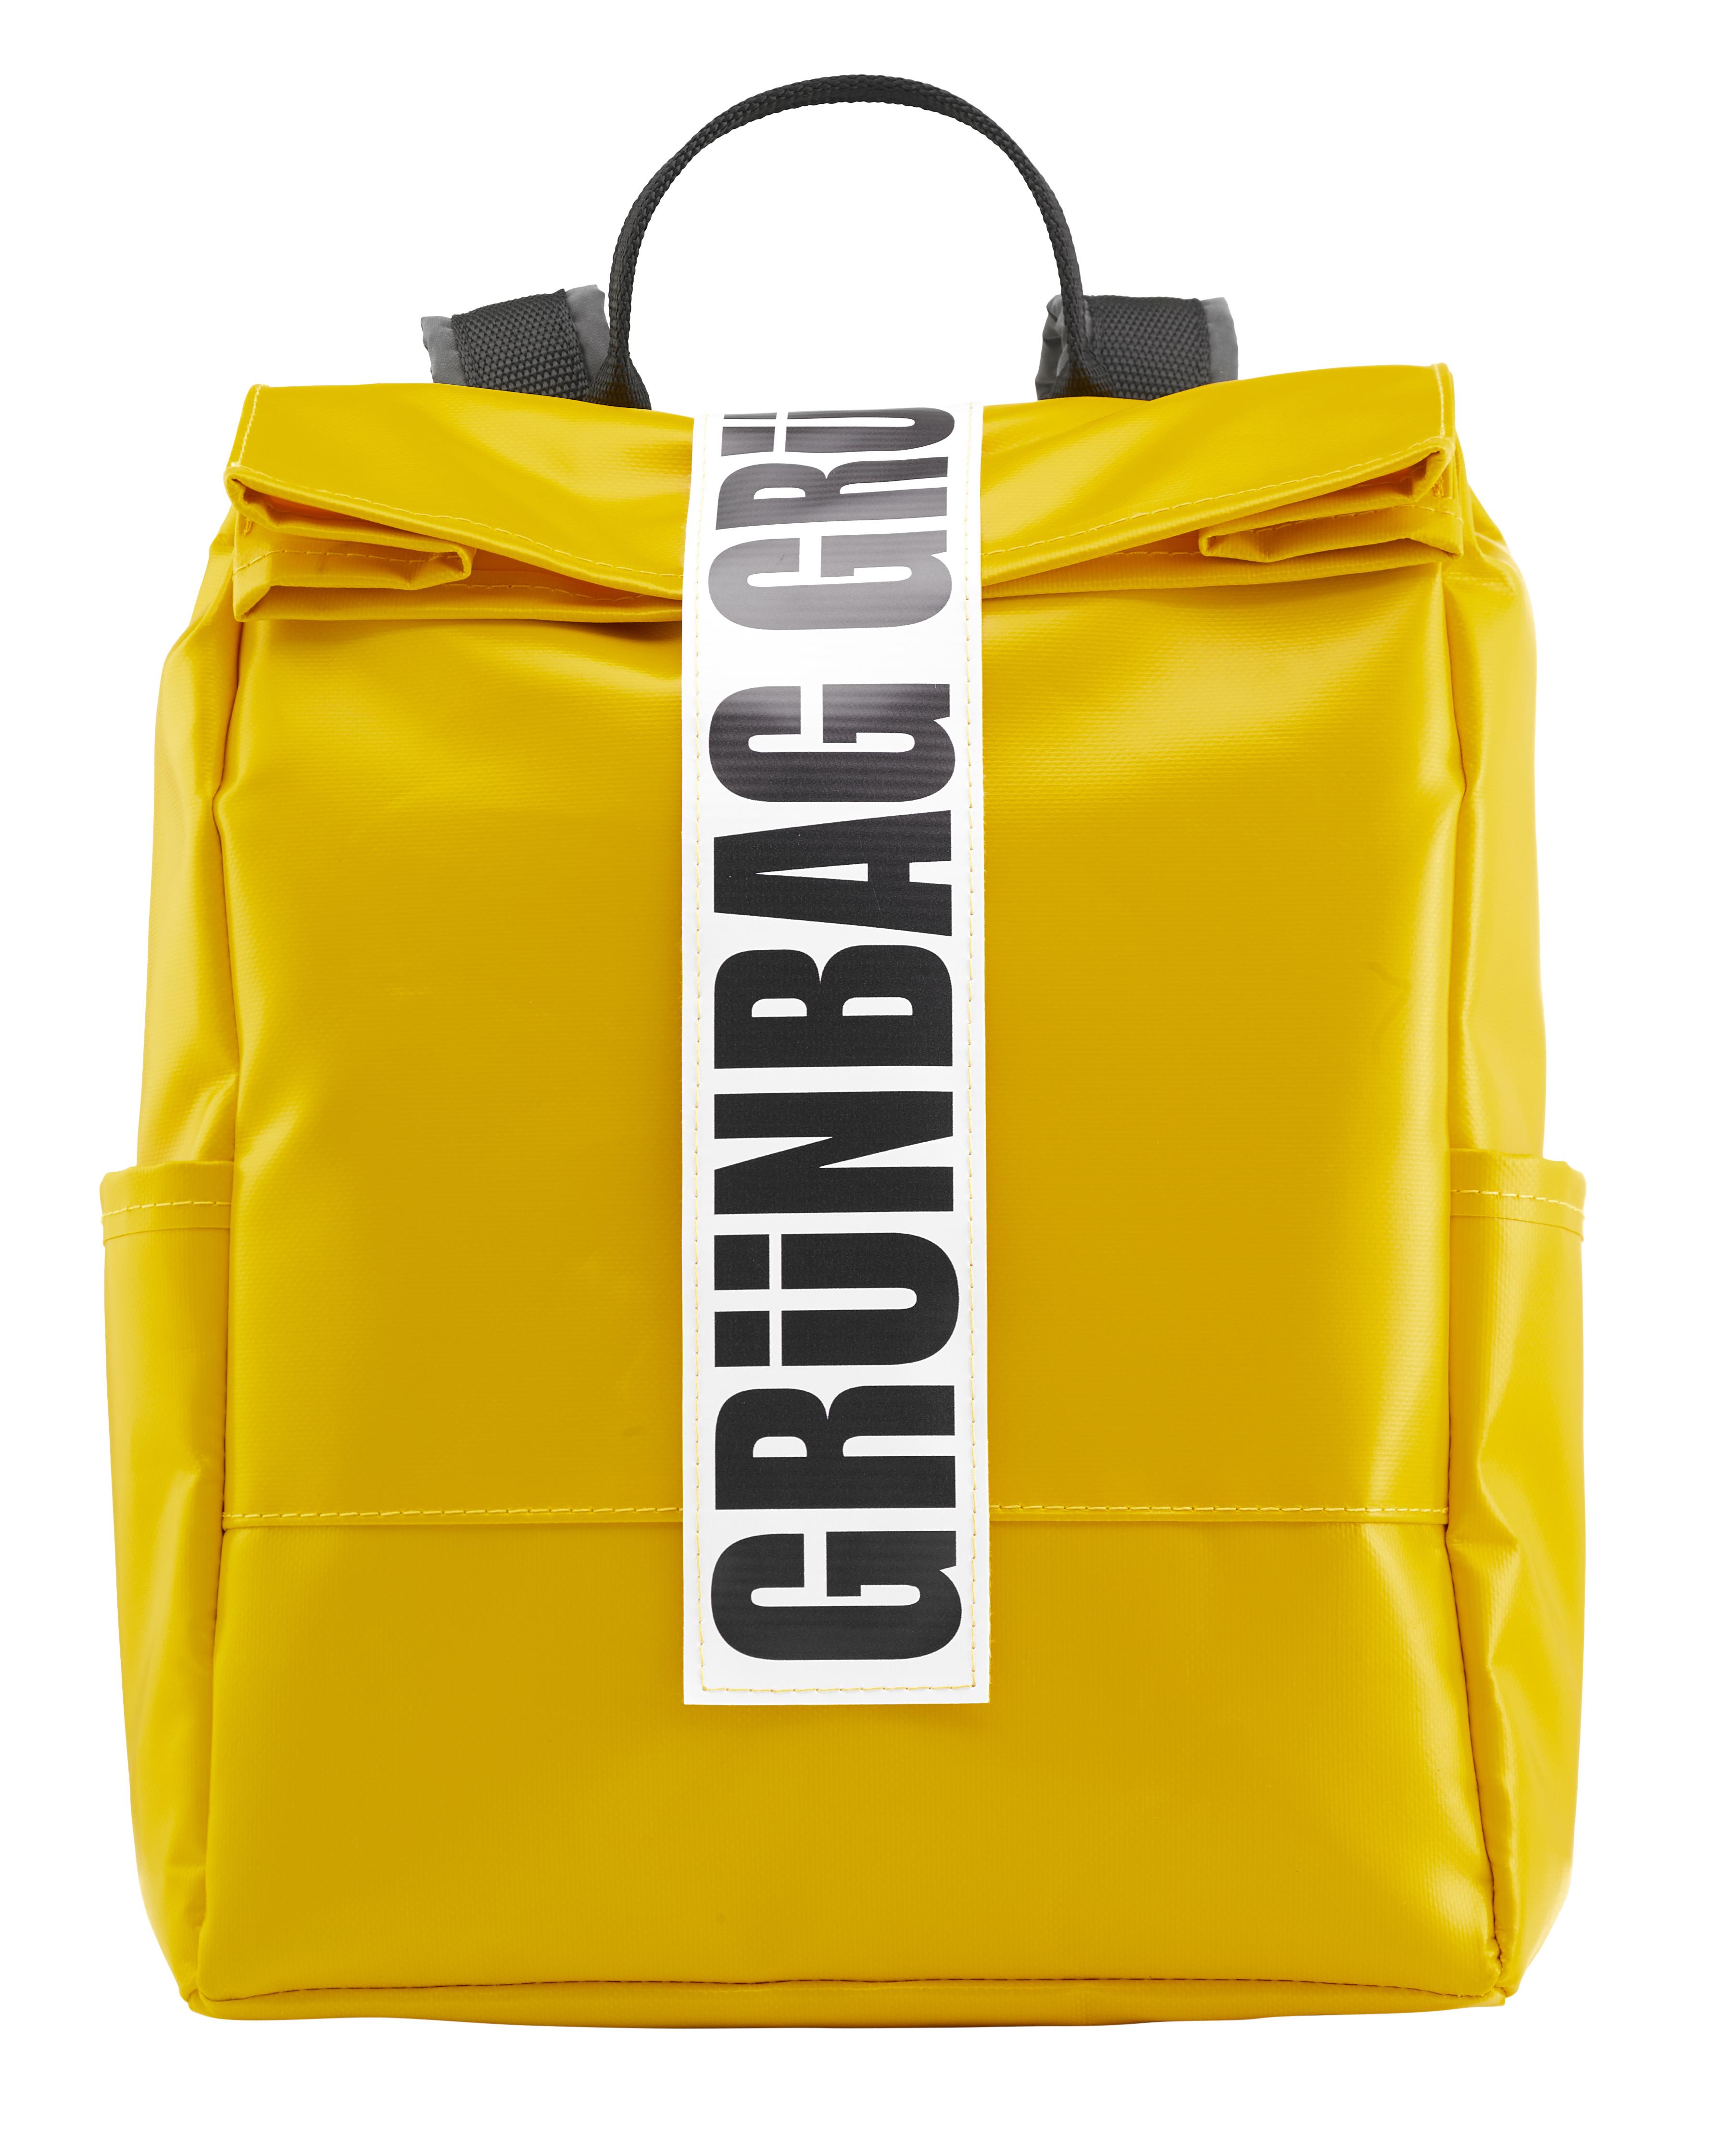 Alden BackPack Yellow